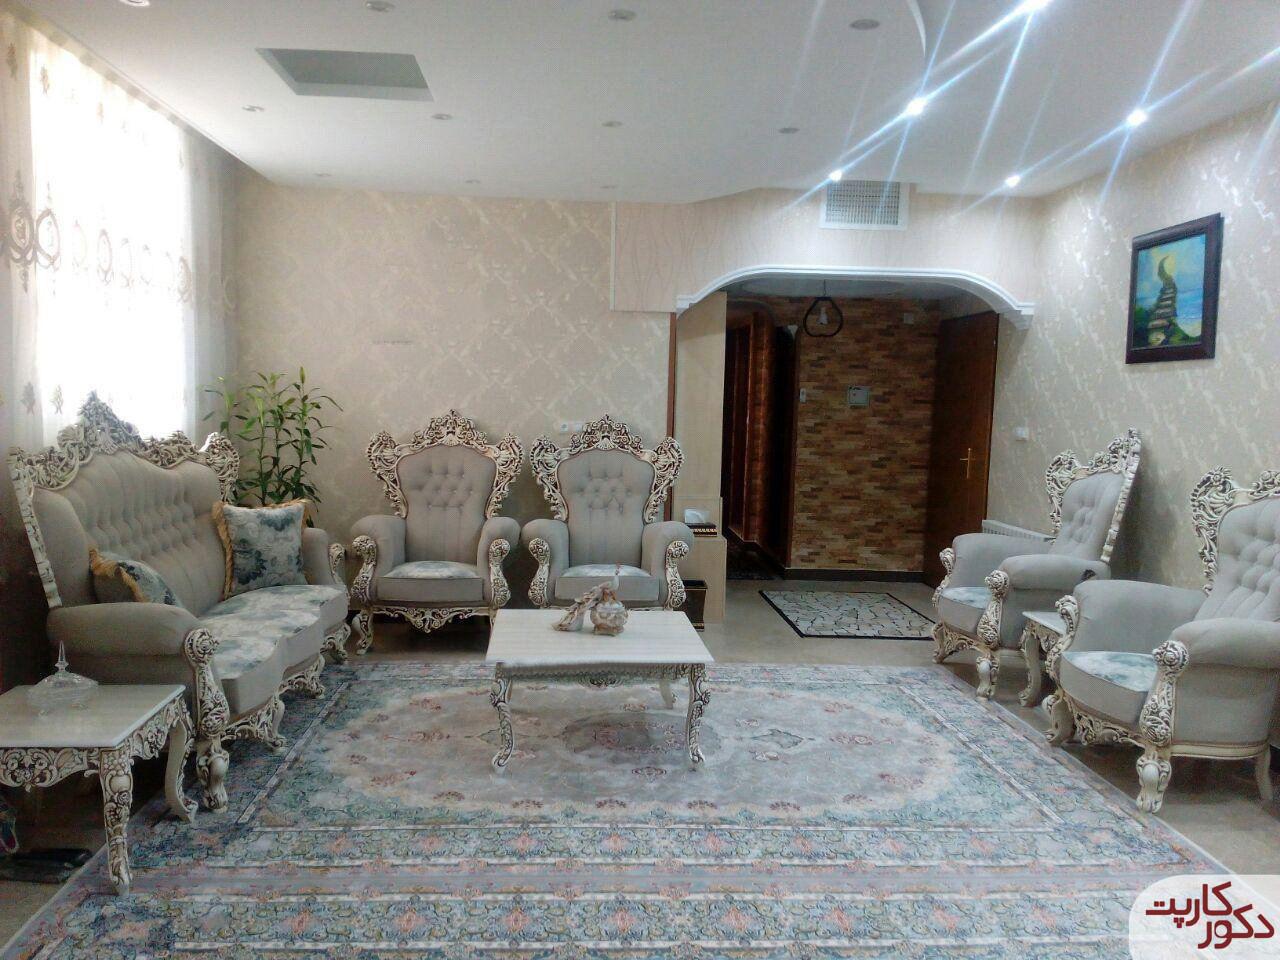 نمای فرش ۱۰۰۰ شانه هایبالک طرح مها فیلی در کنار مبلمان همرنگ فرش